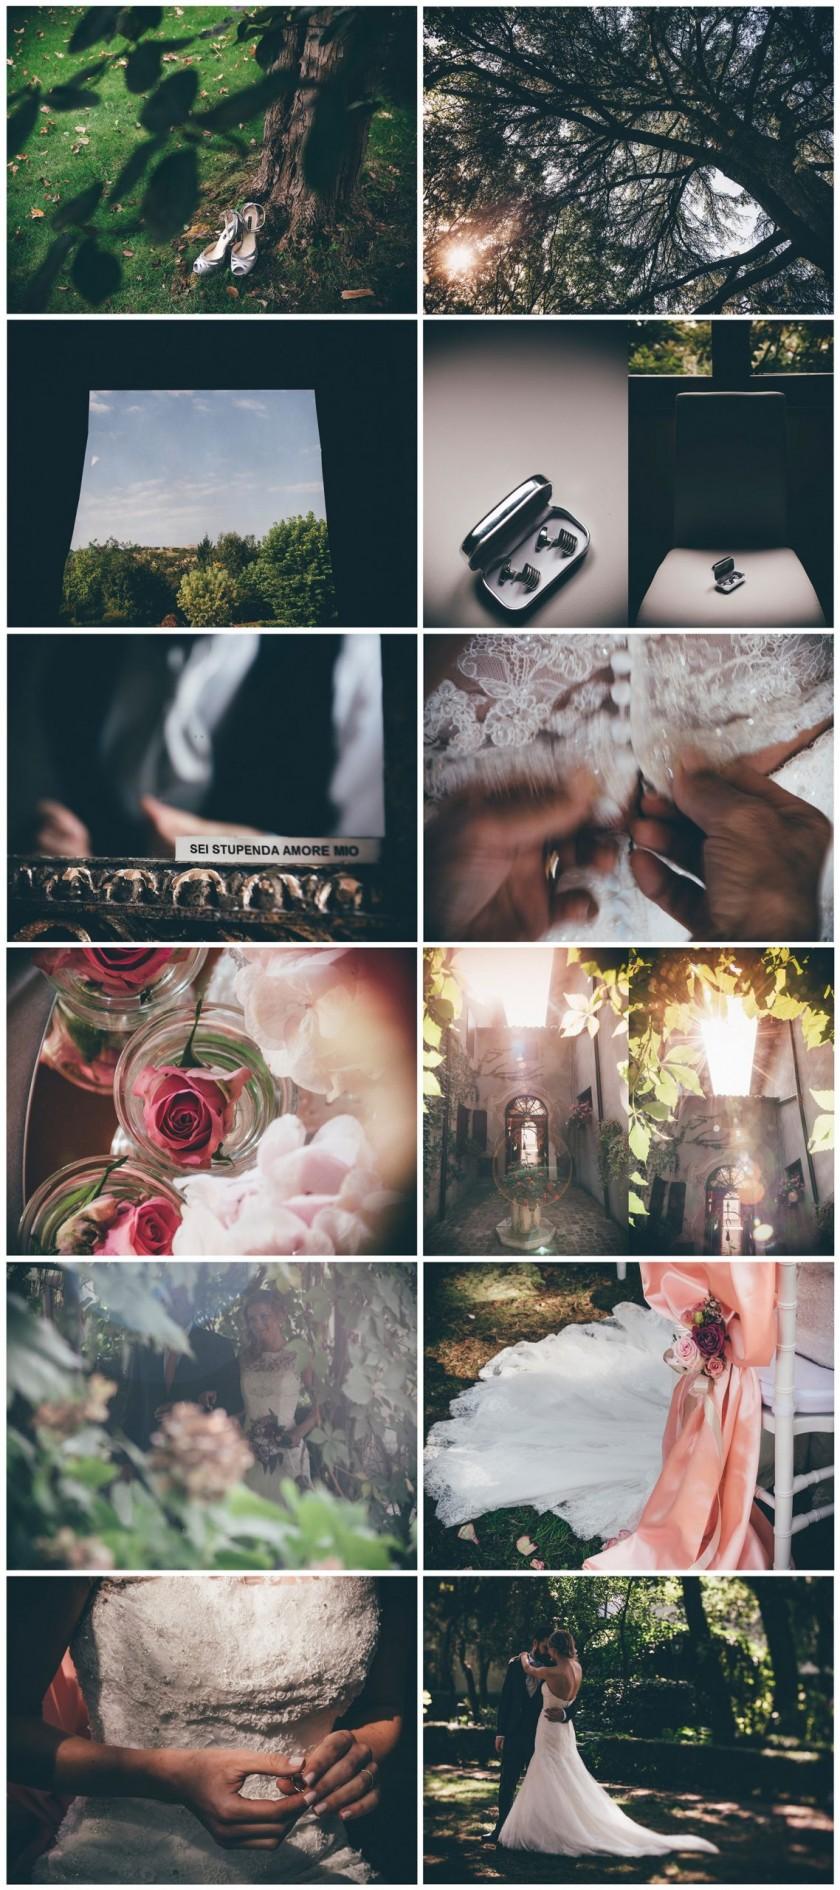 stile, moodboard, moodboards, ispirazione foto matrimonio, idea, creatività, atmosfera, emozione, fotografo matrimonio parma, fotografie matrimonio, racconto, stefano brianti